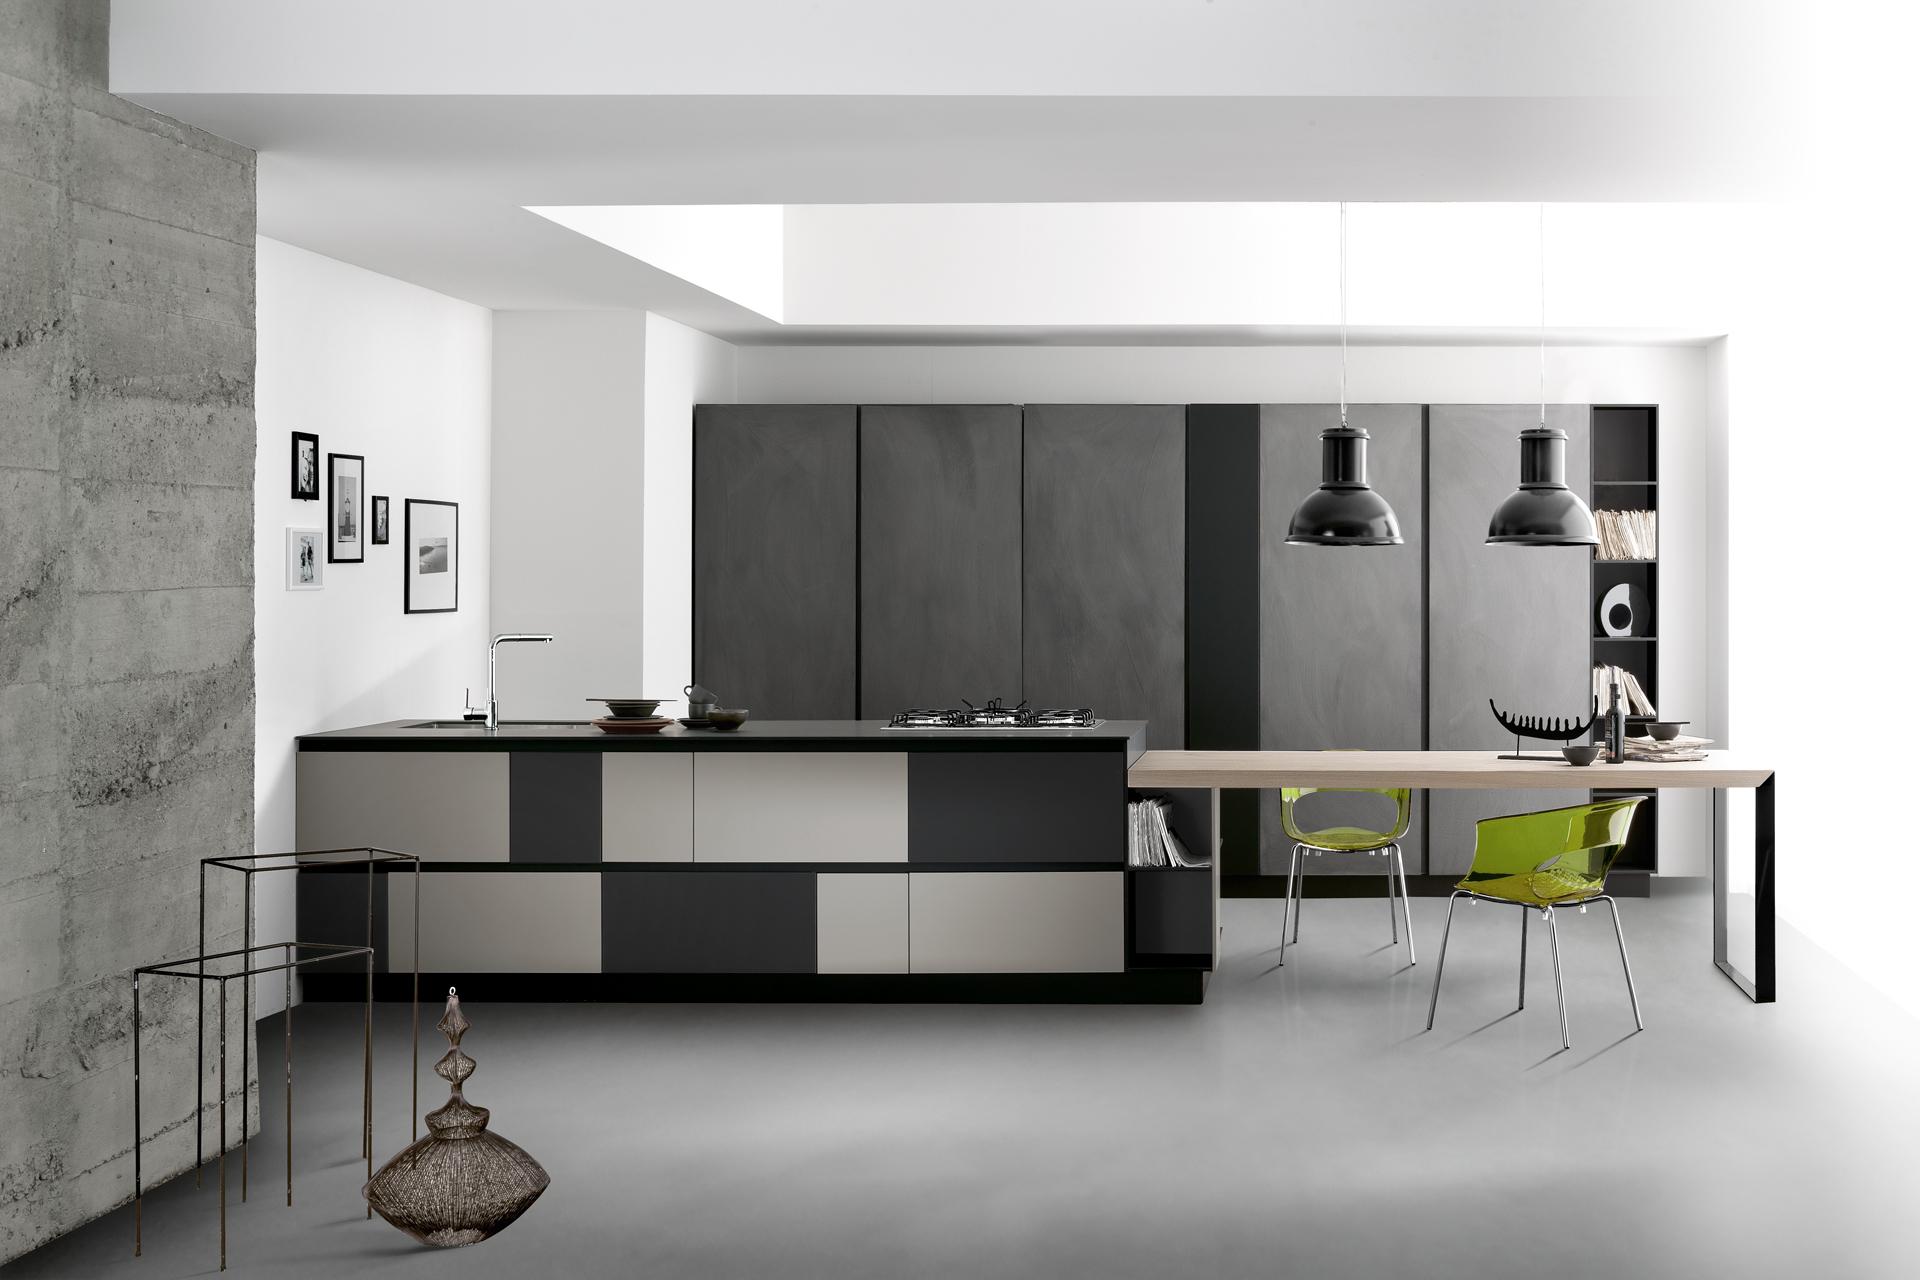 Arredamento cucine milano arredo cucine di alta qualit - Cucine di qualita ...